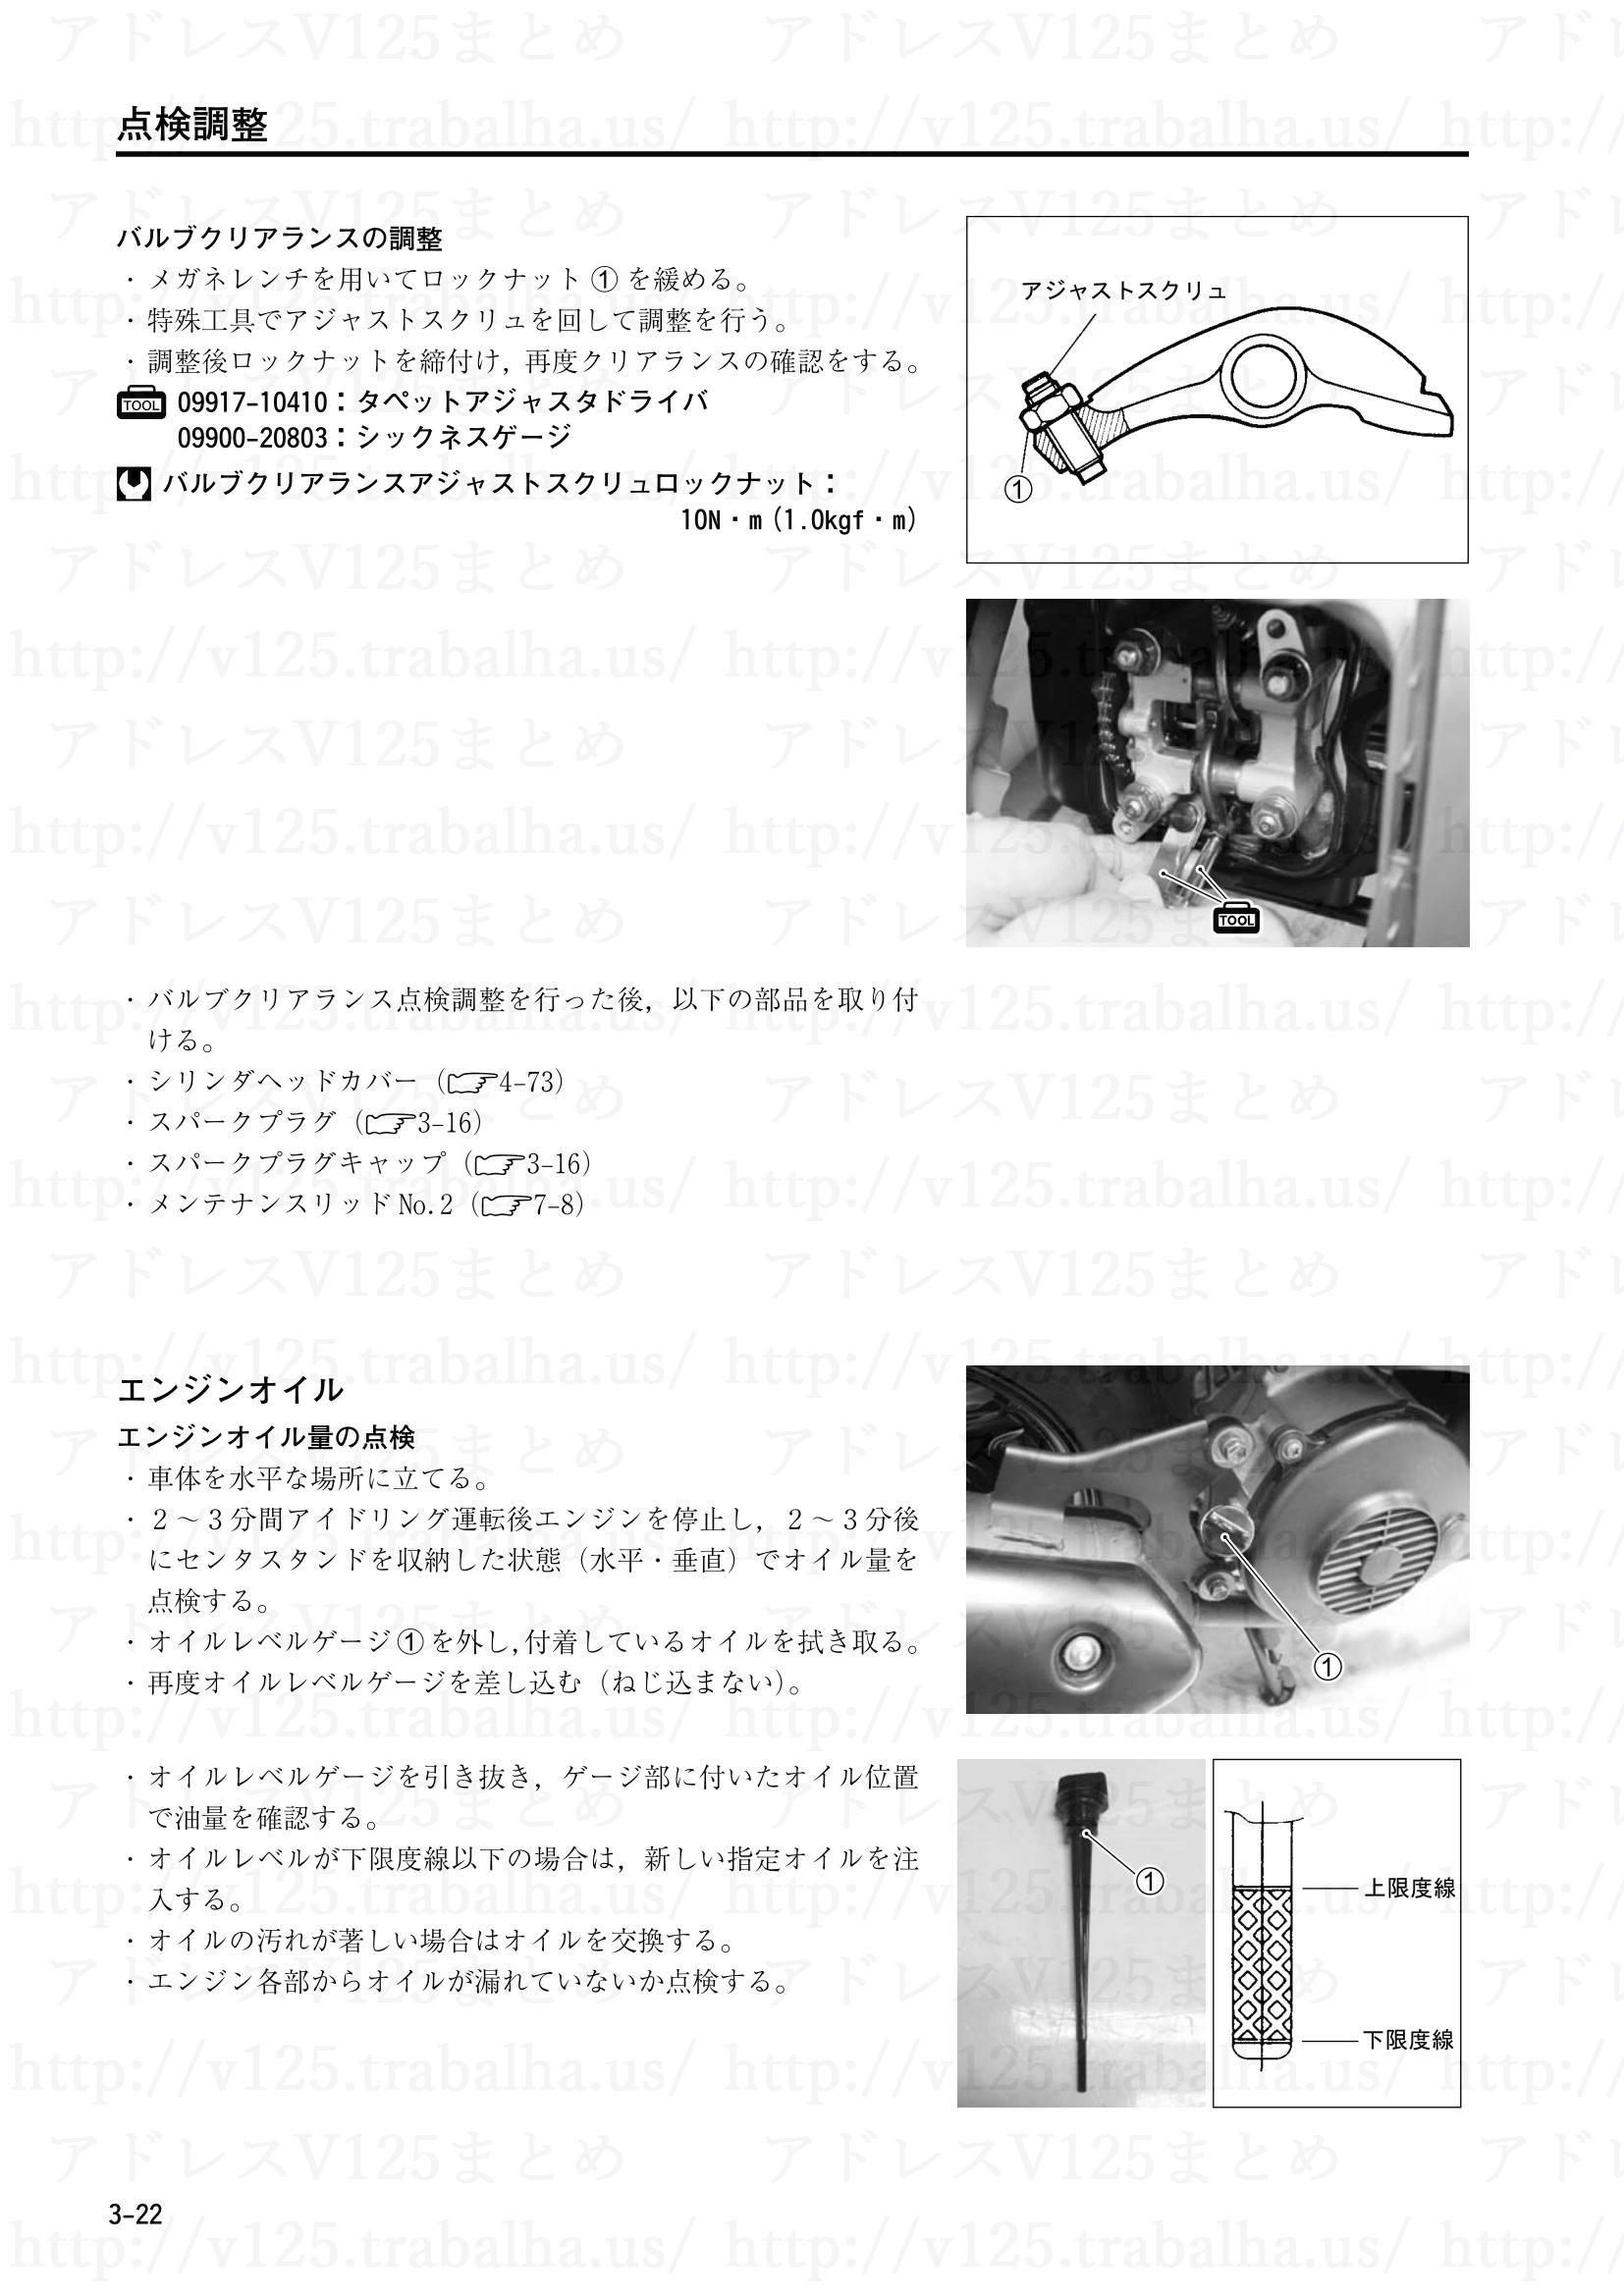 3-22【点検調整】原動機5